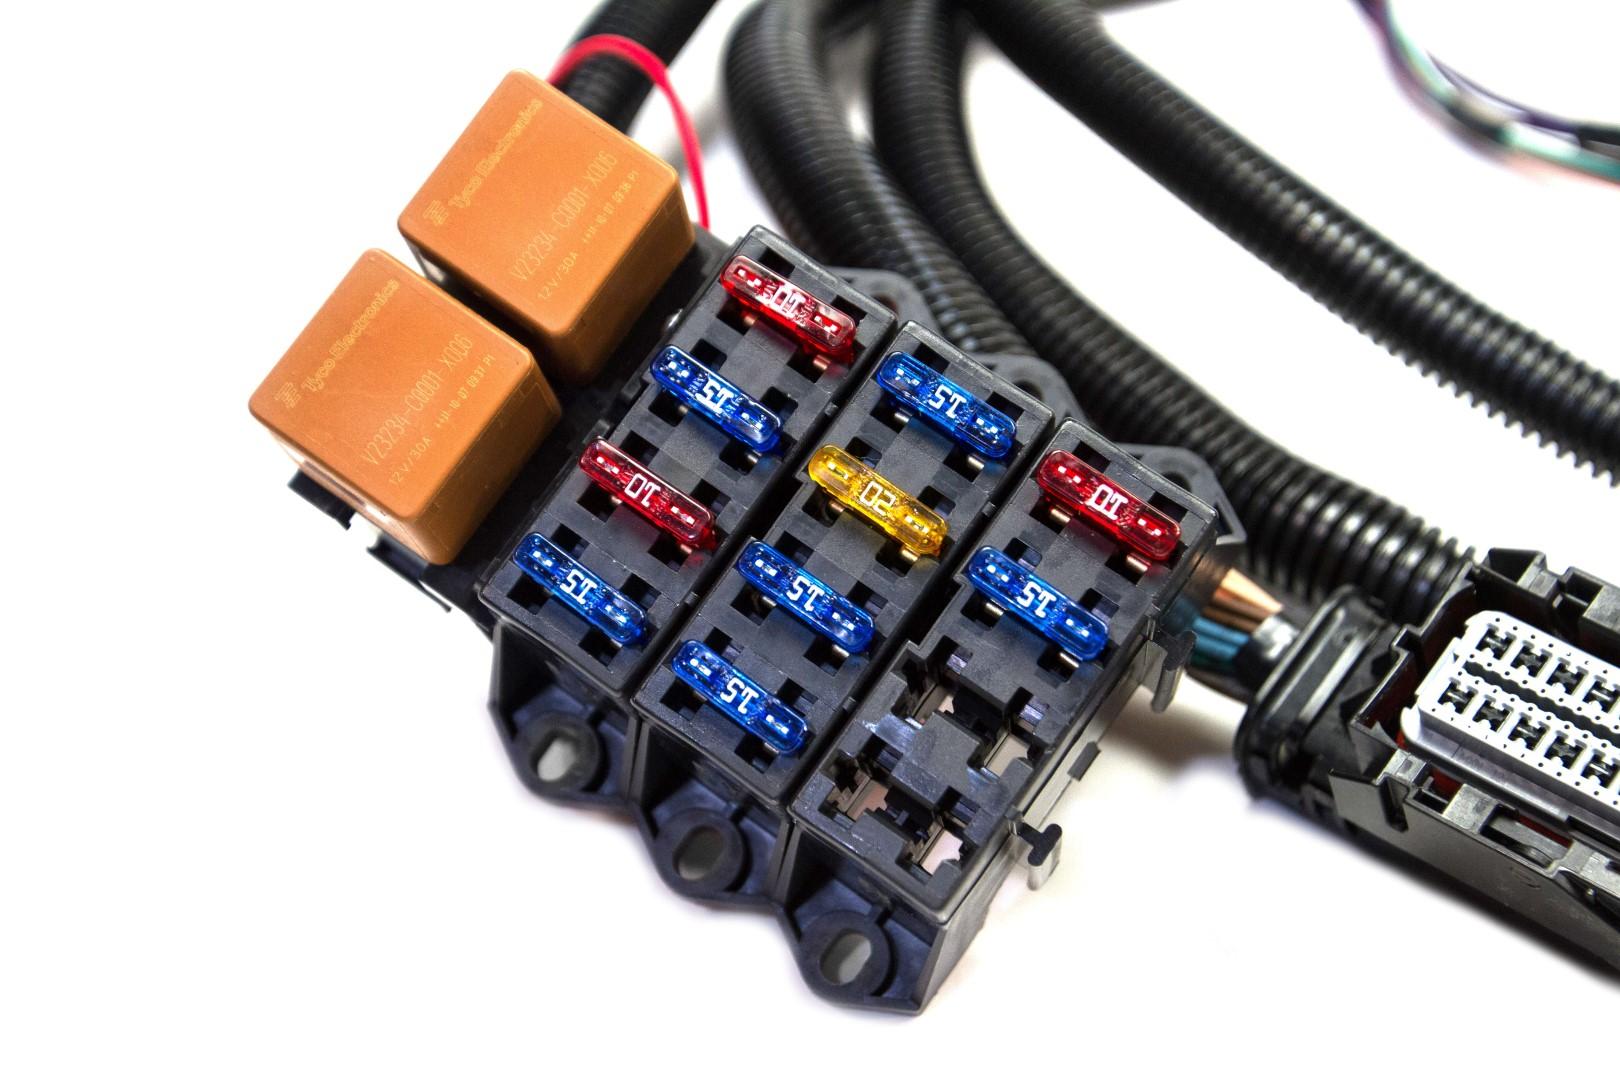 CB0893B61A77D801459523A1B7051600 Universal Gm Wiring Harness on gm wiring gauge, radio harness, gm wiring connectors, obd2 to obd1 jumper harness, gm wiring alternator, gm alternator harness,